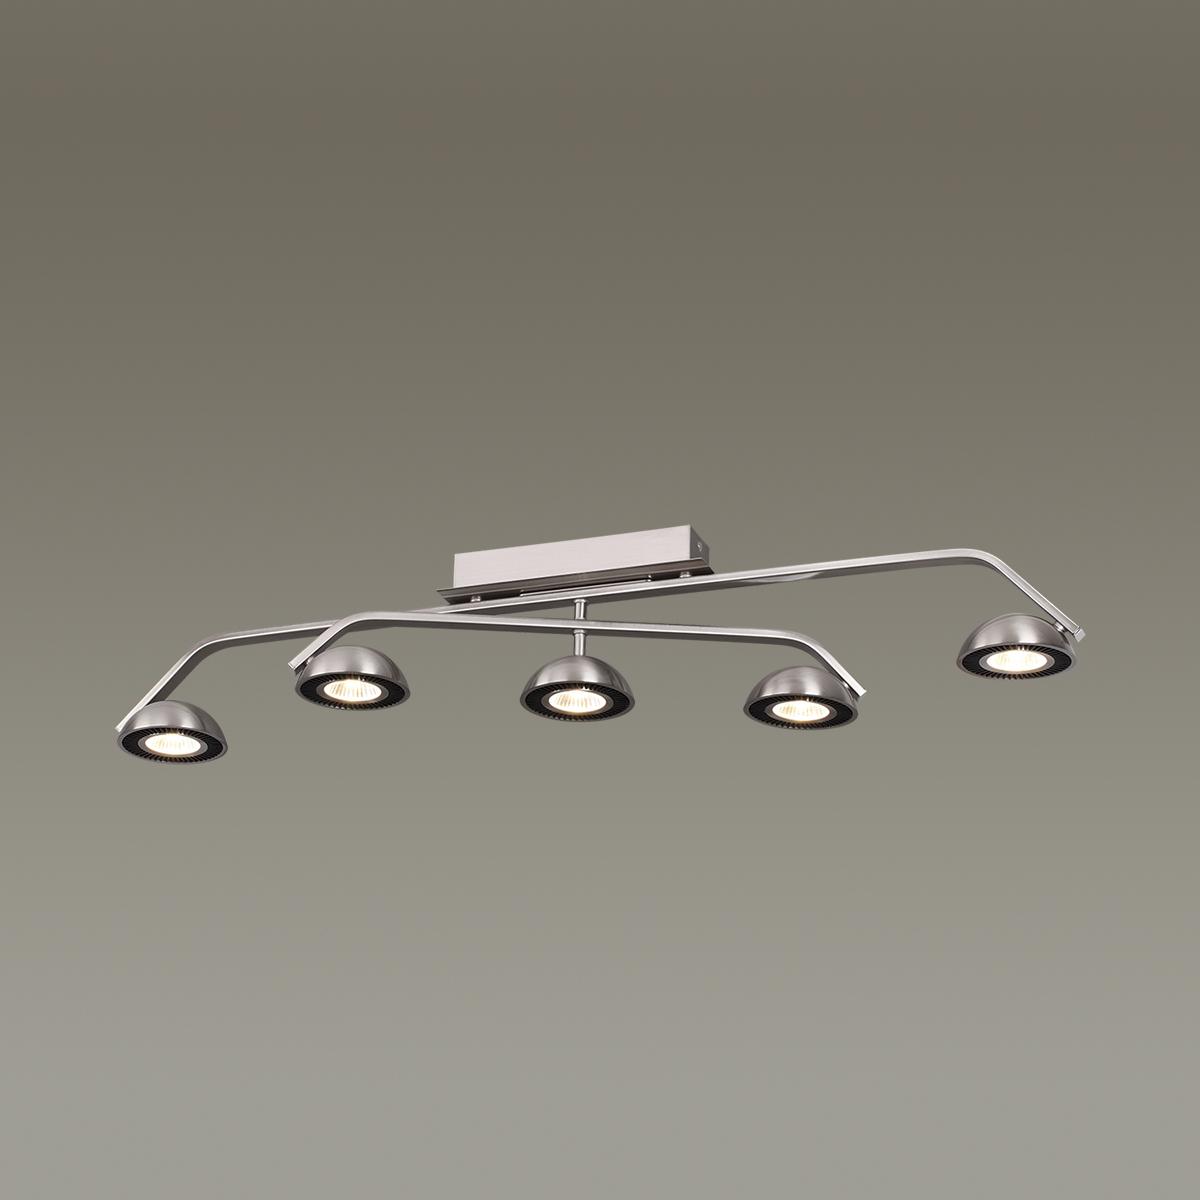 Потолочный светодиодный светильник Odeon Light Karima 3535/5CL, LED 35W, 3000K (теплый), никель, черный, металл - фото 2